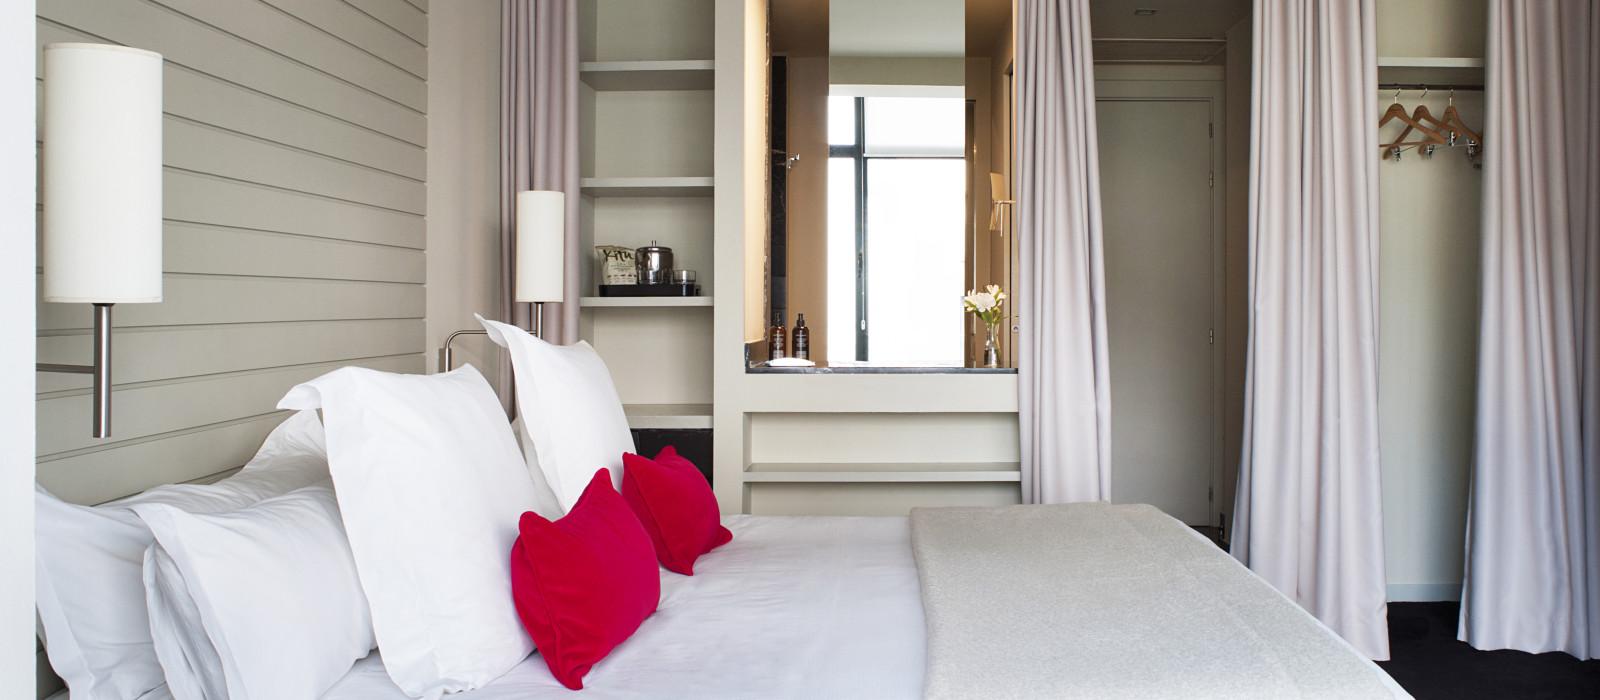 Hotel  Miro Bilbao Spain